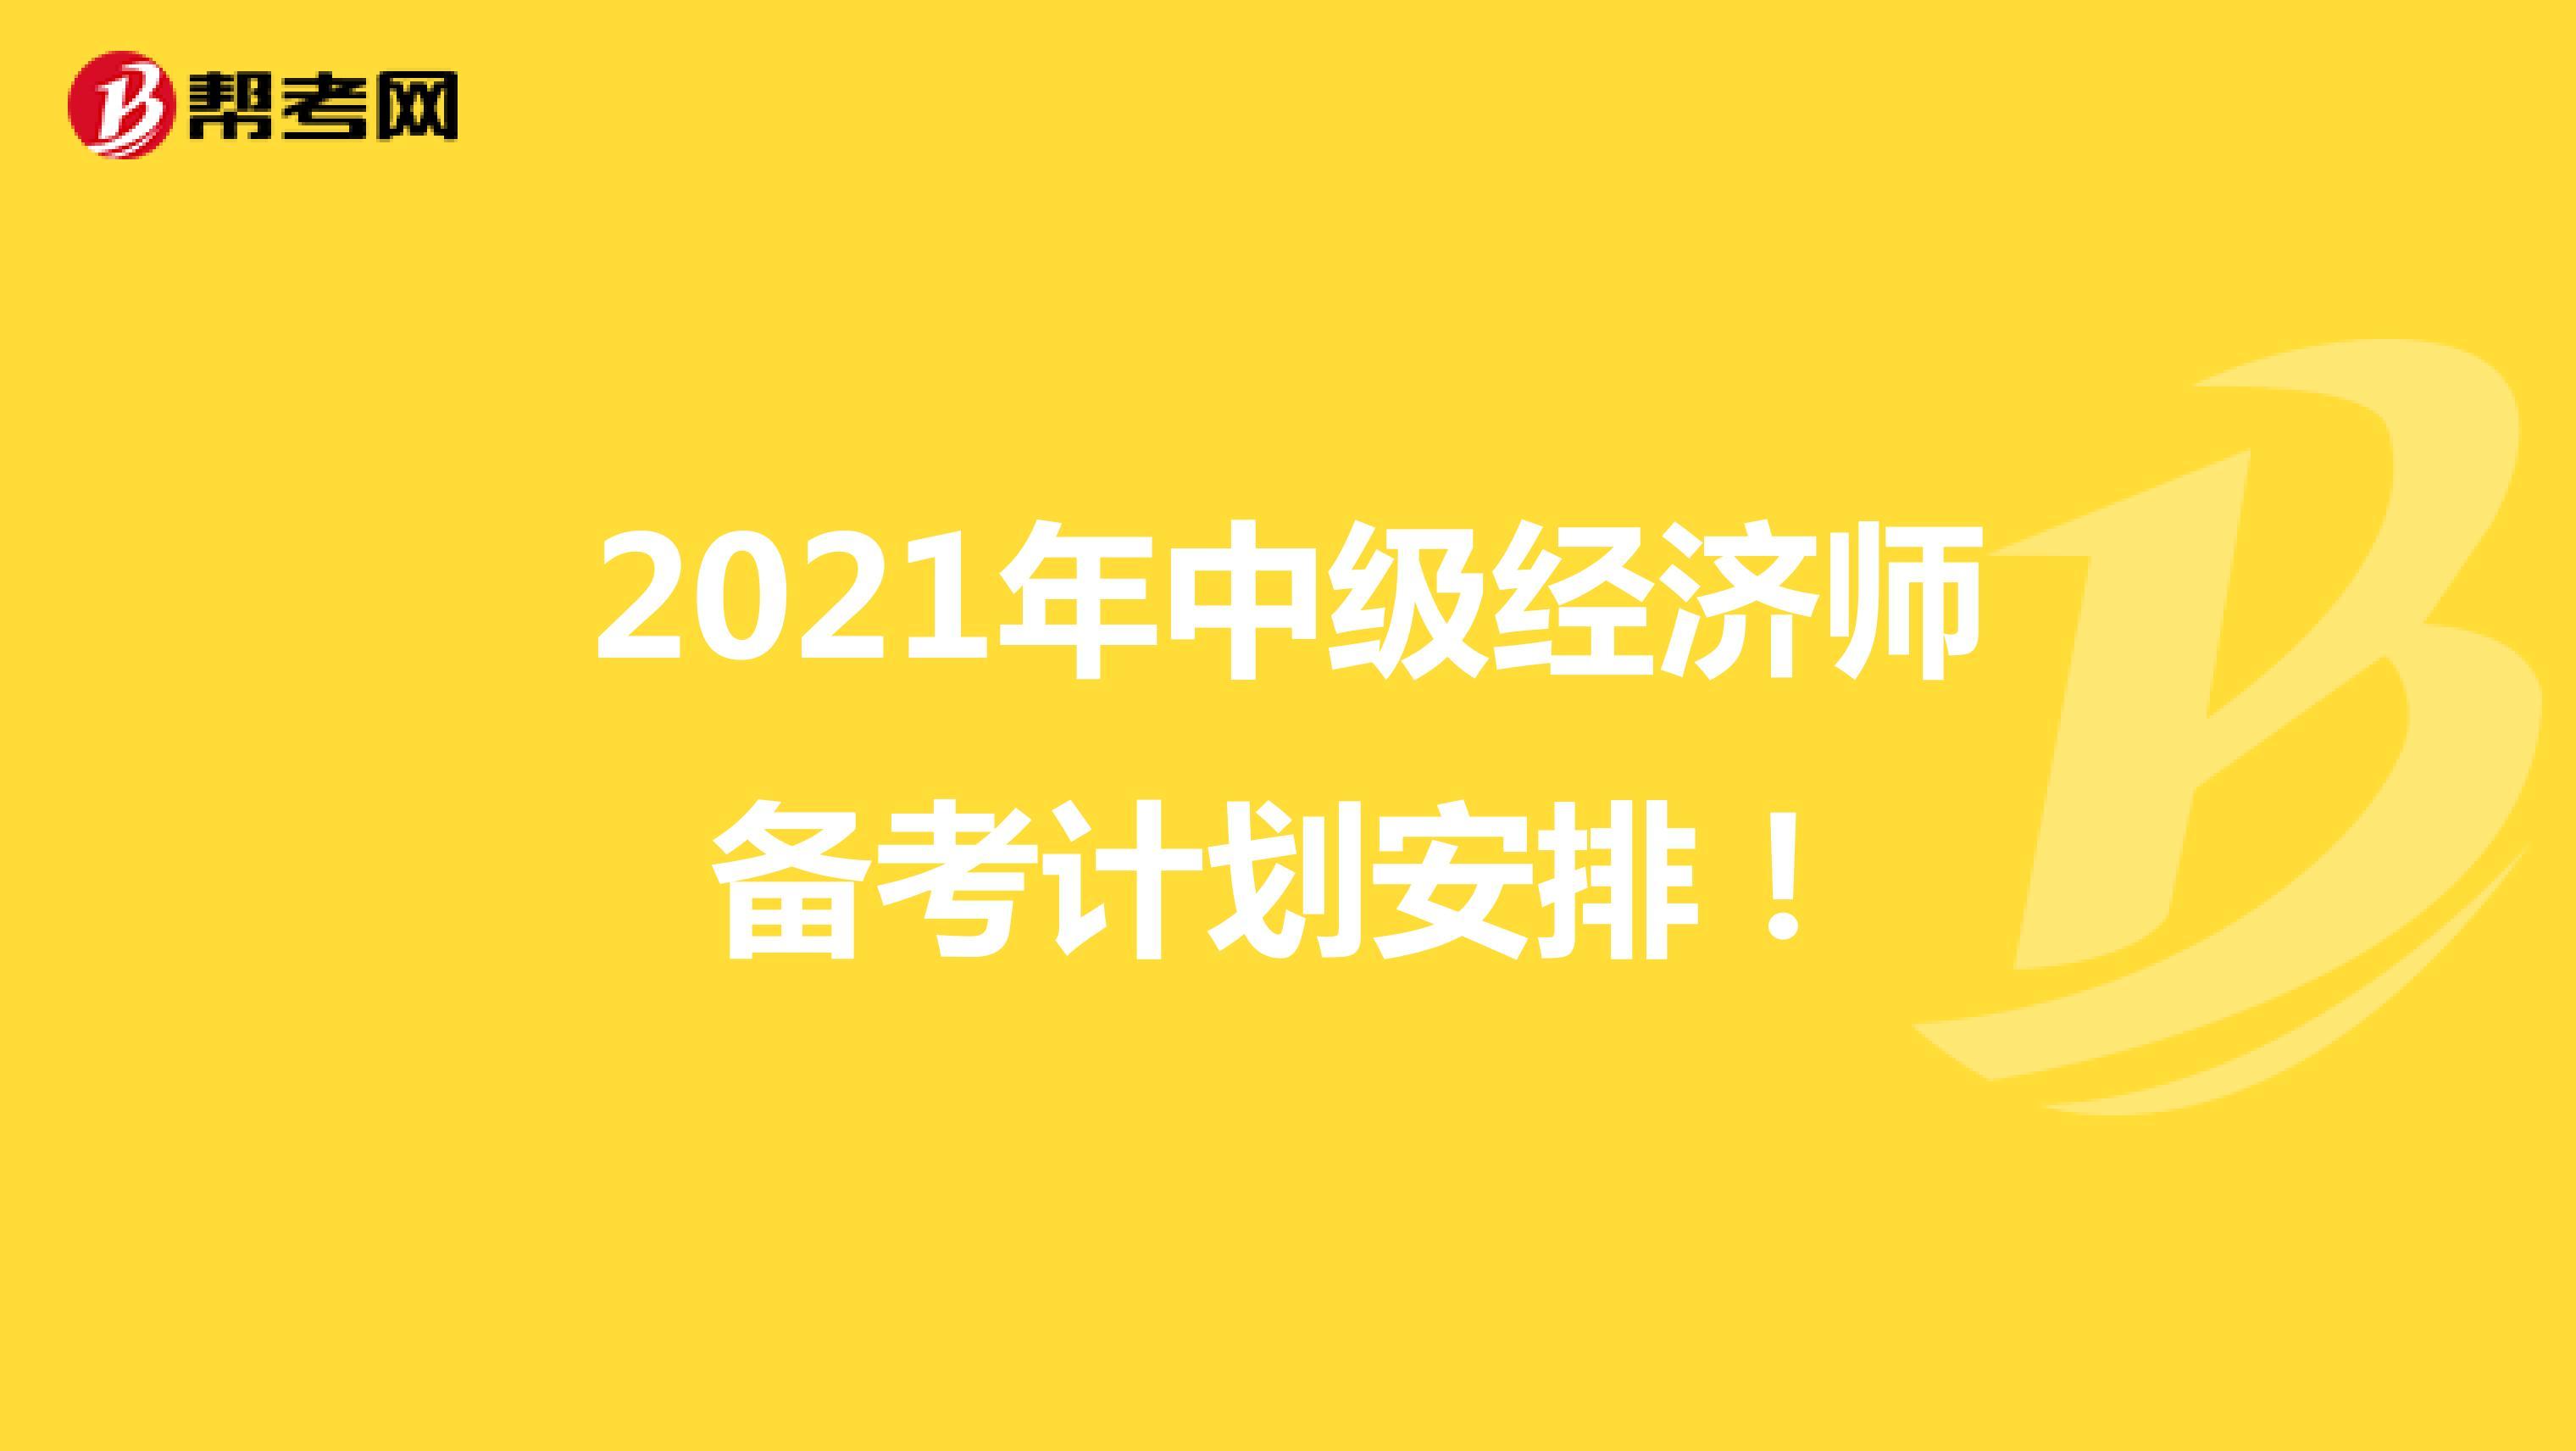 2021年(hot88电竞官网)中级经济师备考计划安排!